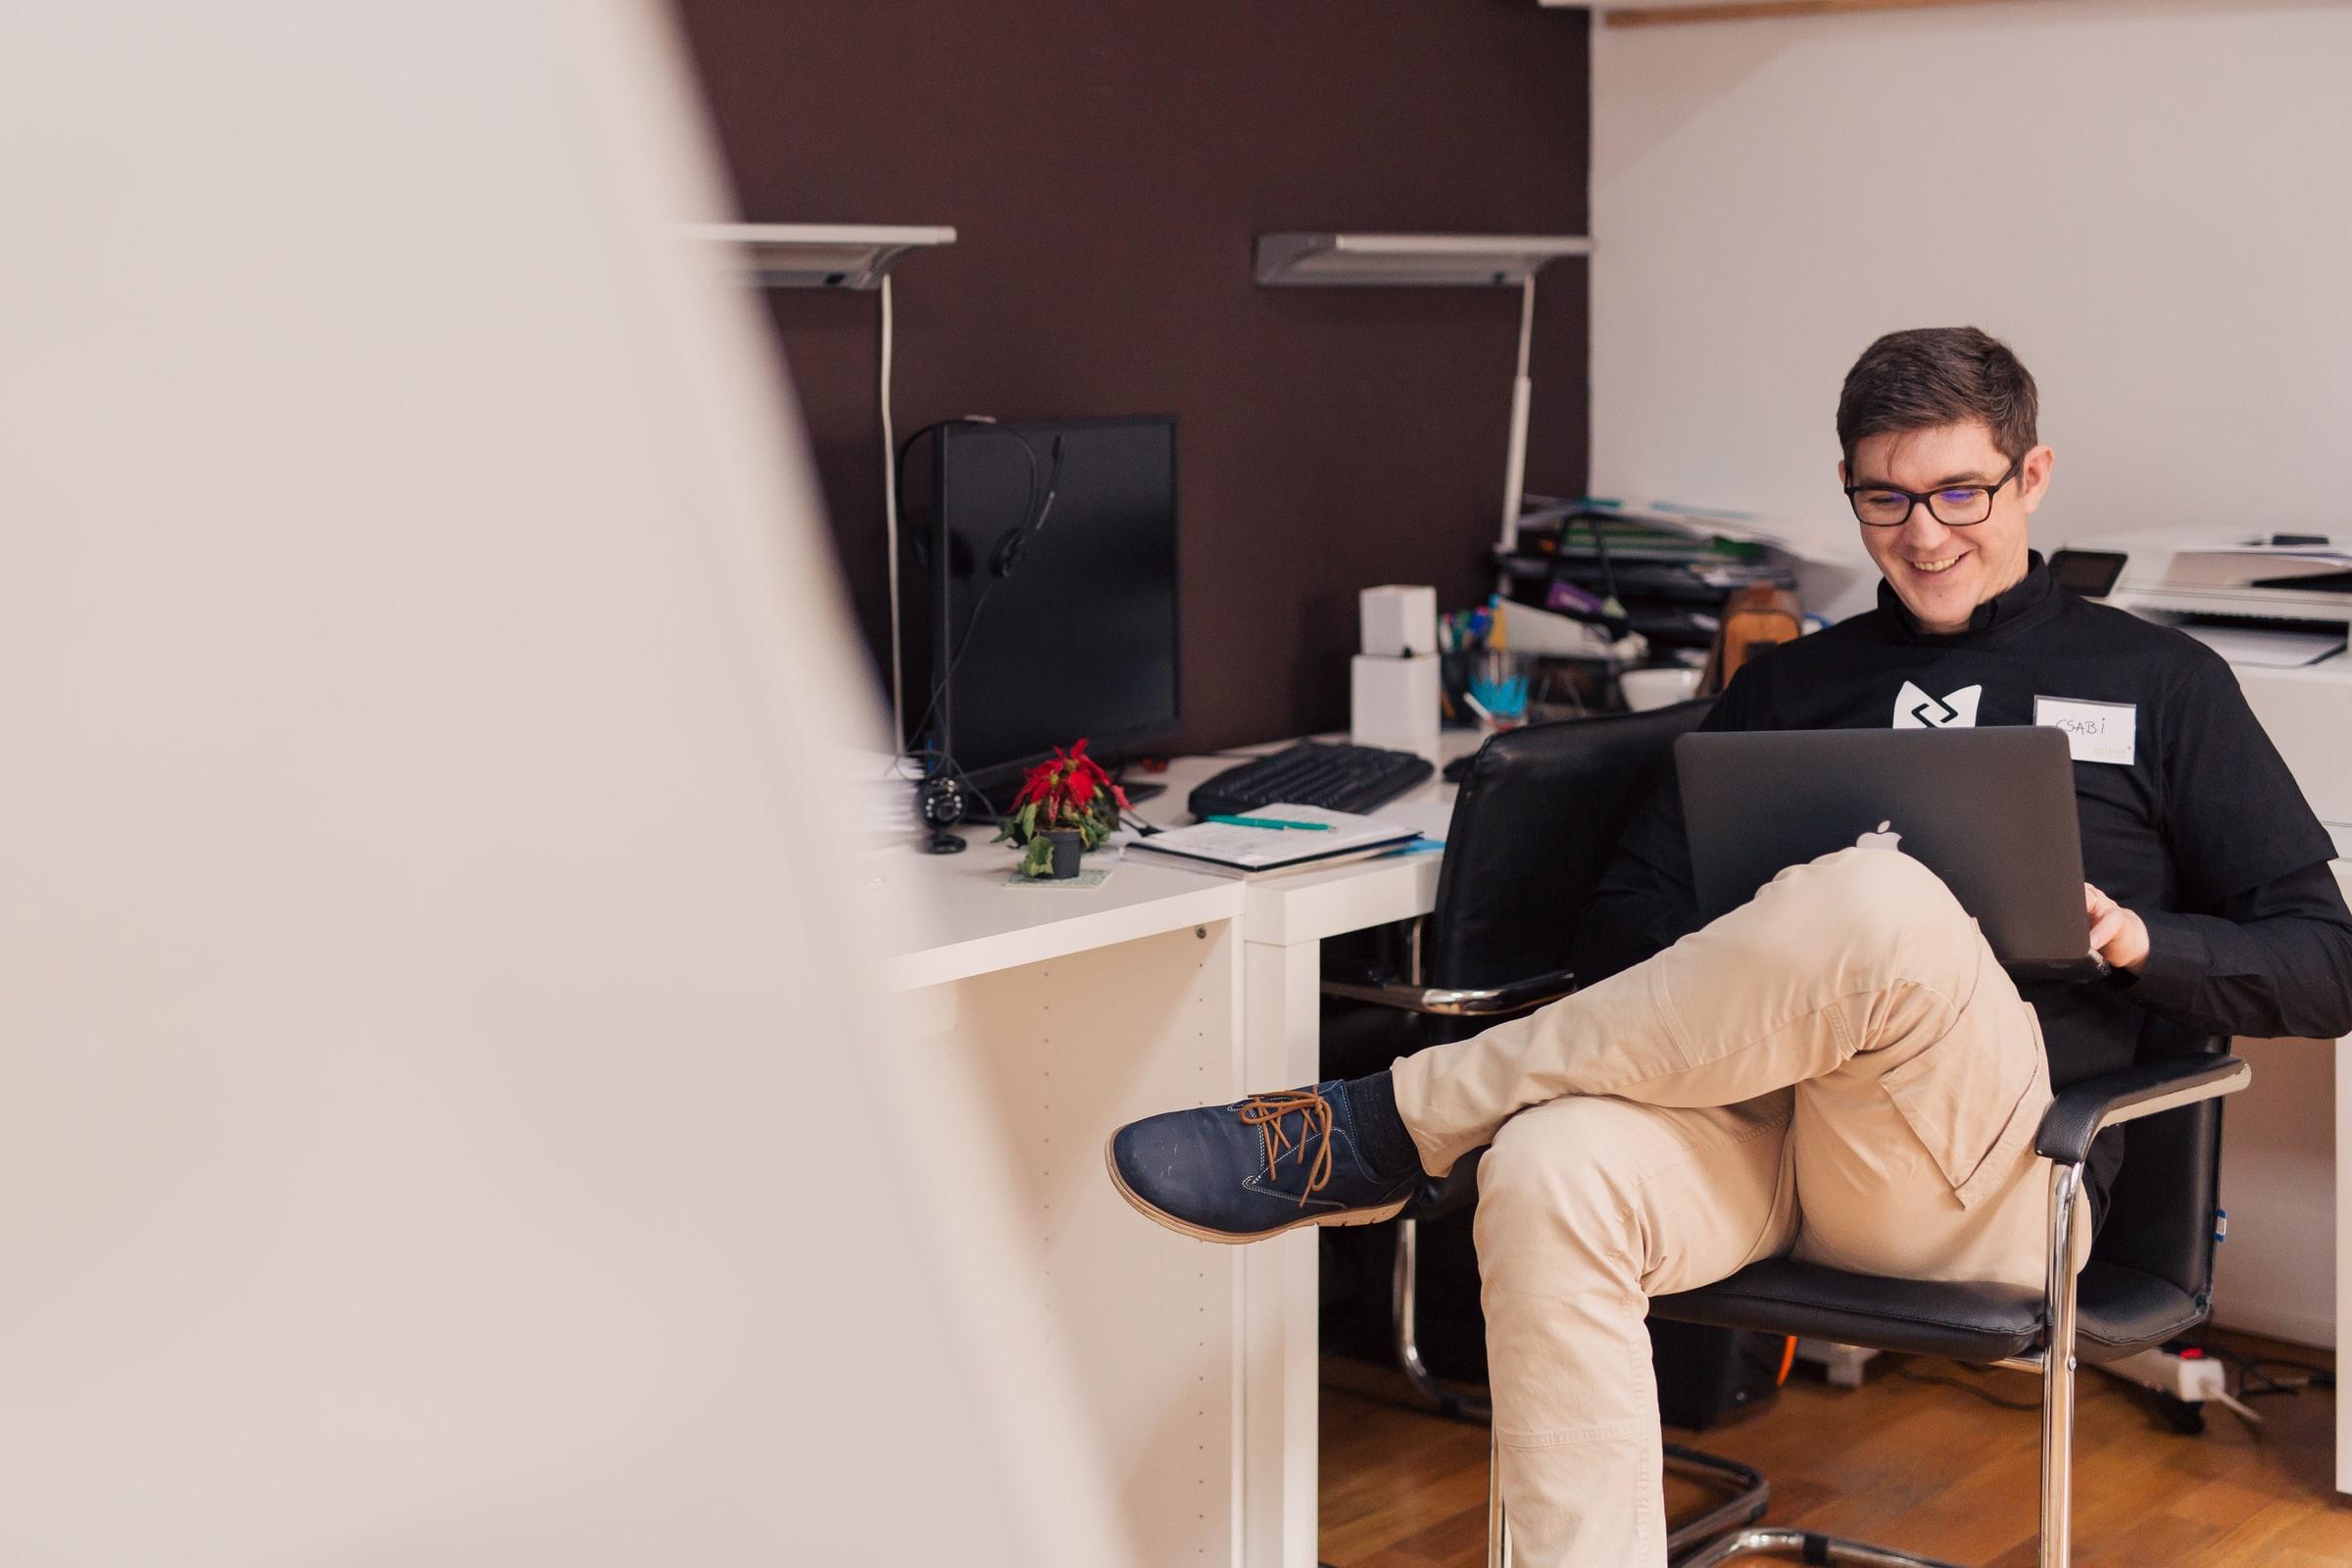 leende man sitter i stol med laptop i knäet